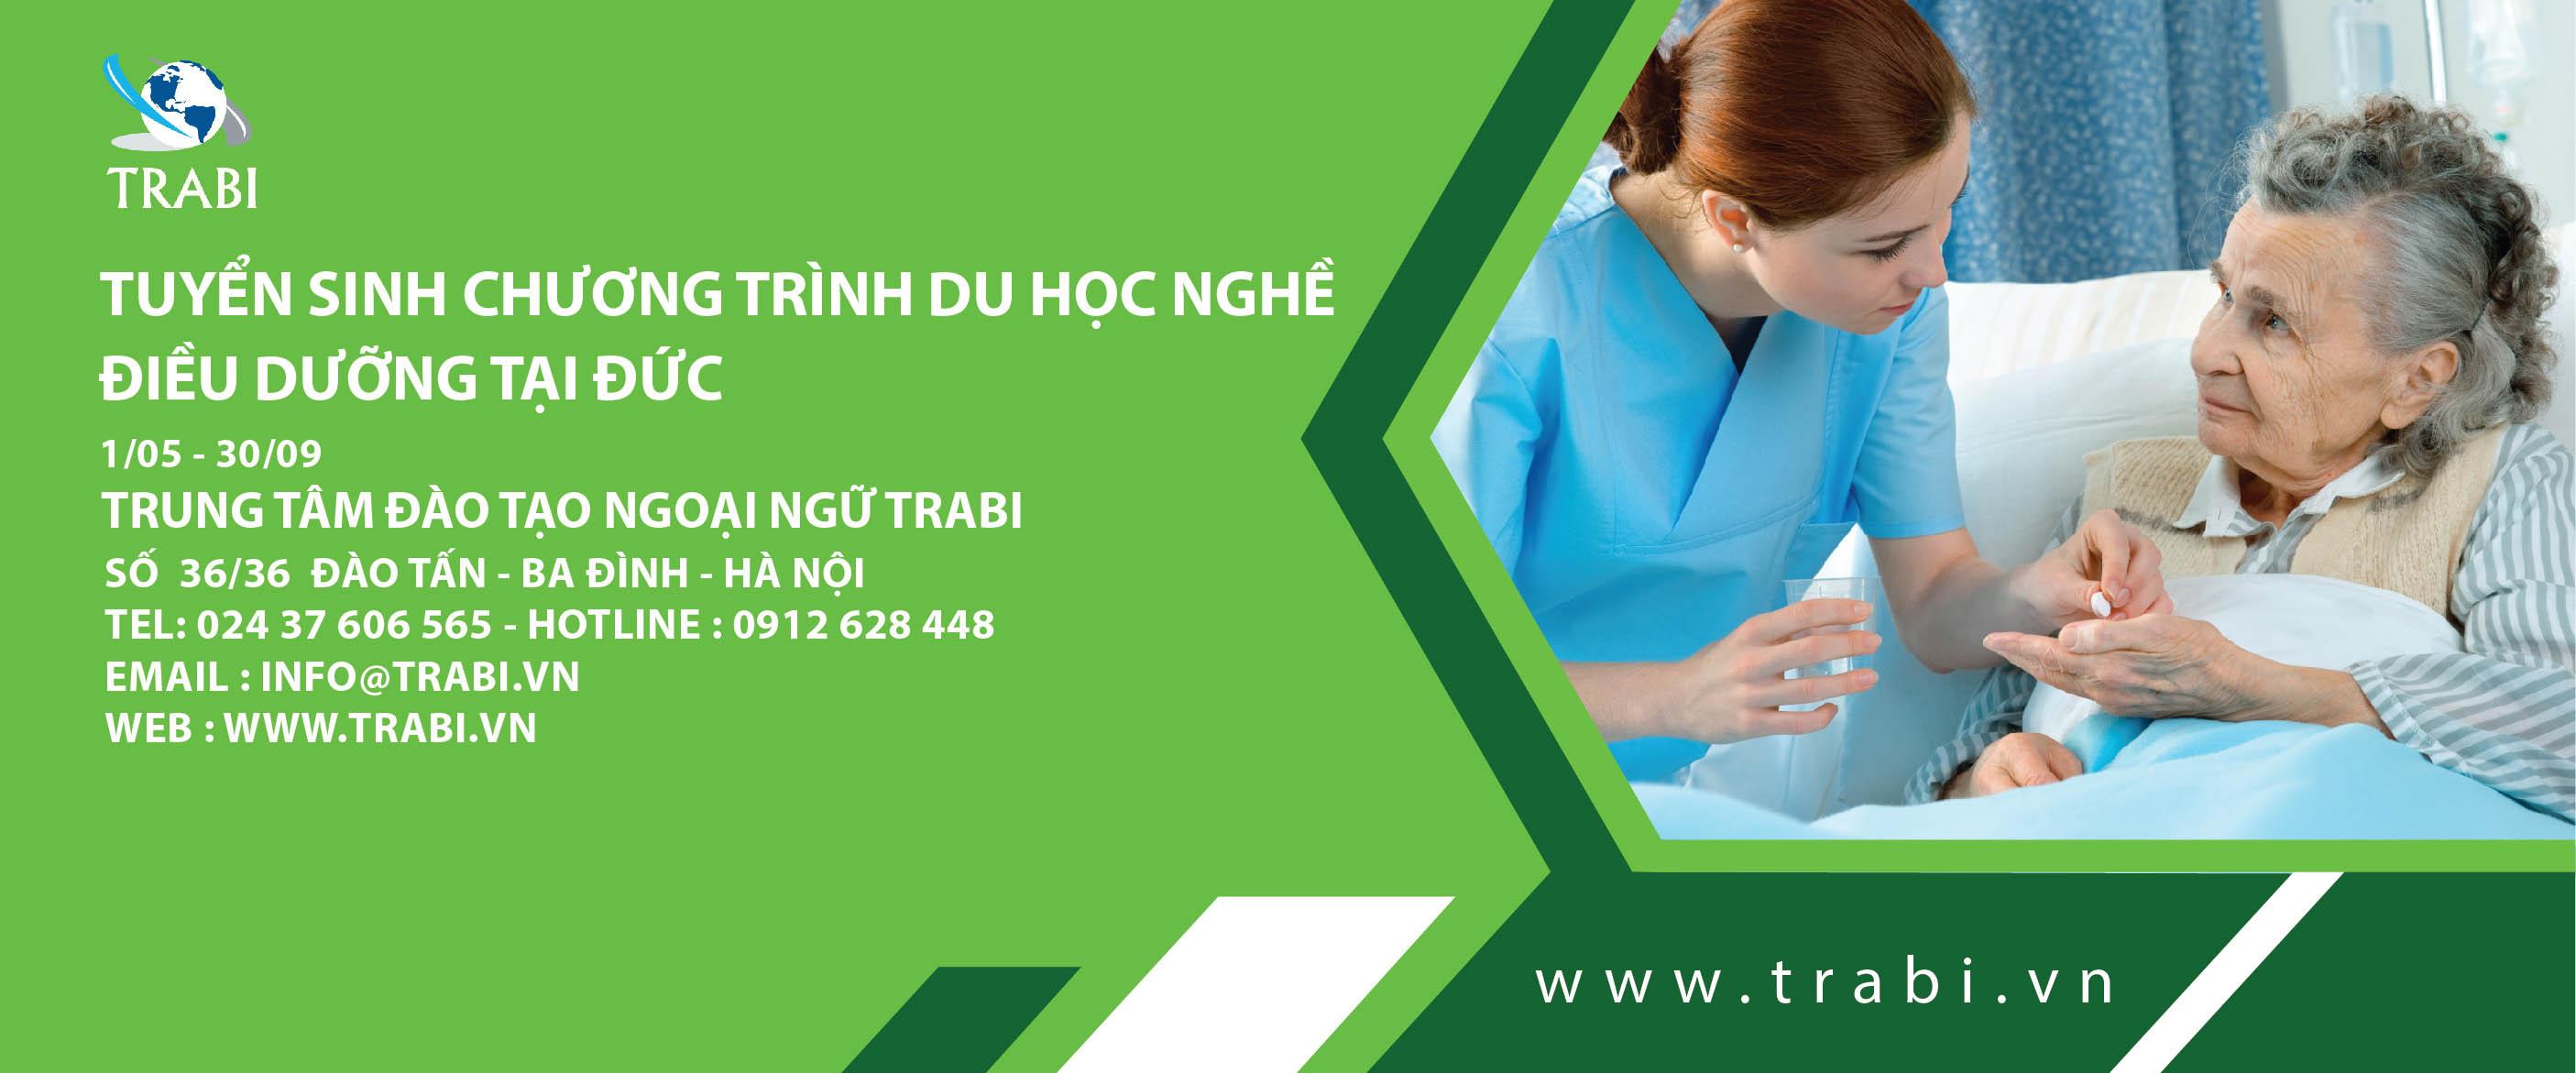 Nhiều người du học nghề điều dưỡng ở Đức